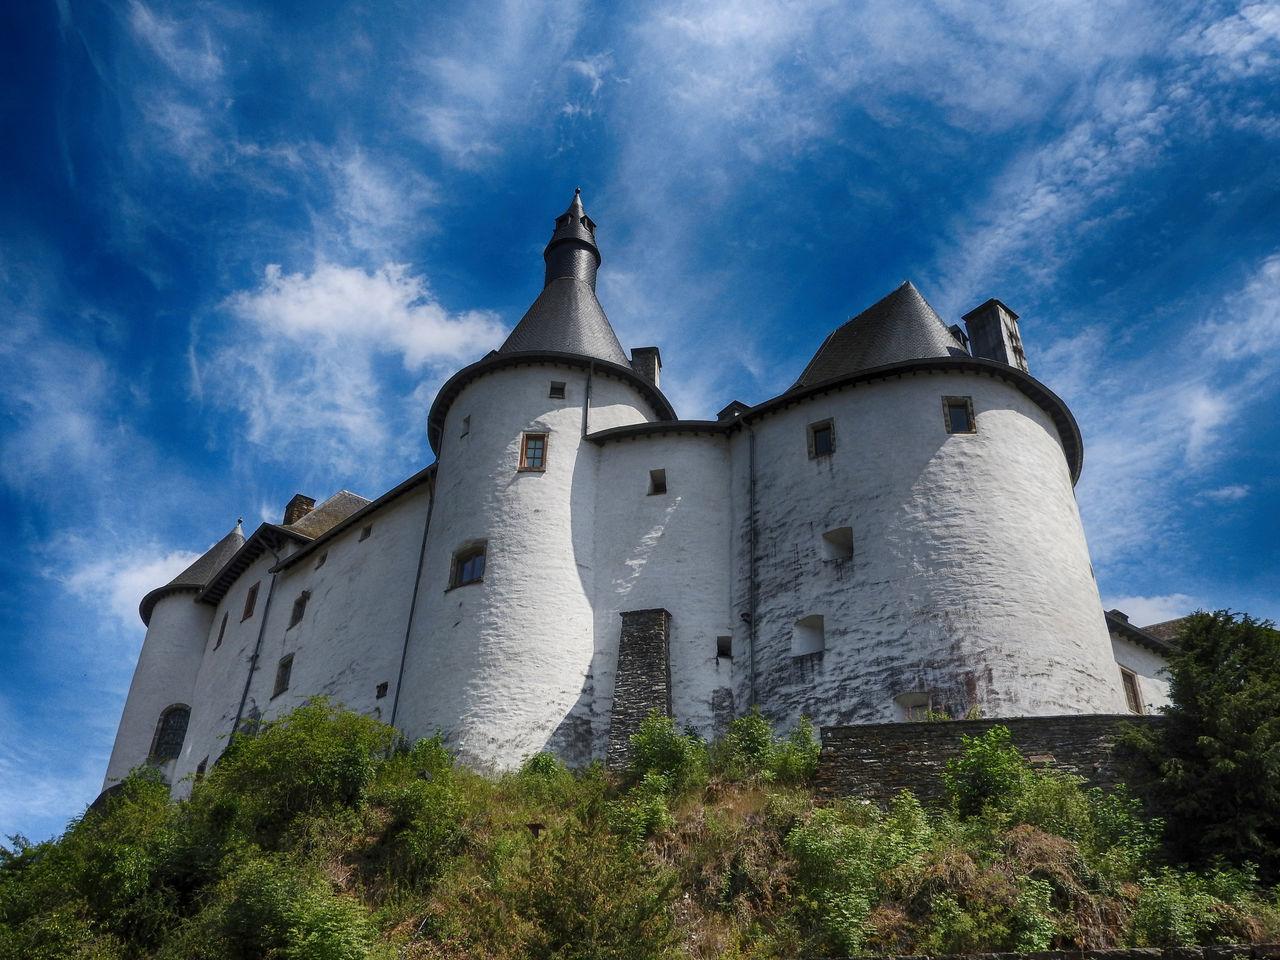 Architecture Built Structure Castle Château Château De Clervaux Historical Building History My Point Of View Travel Destinations